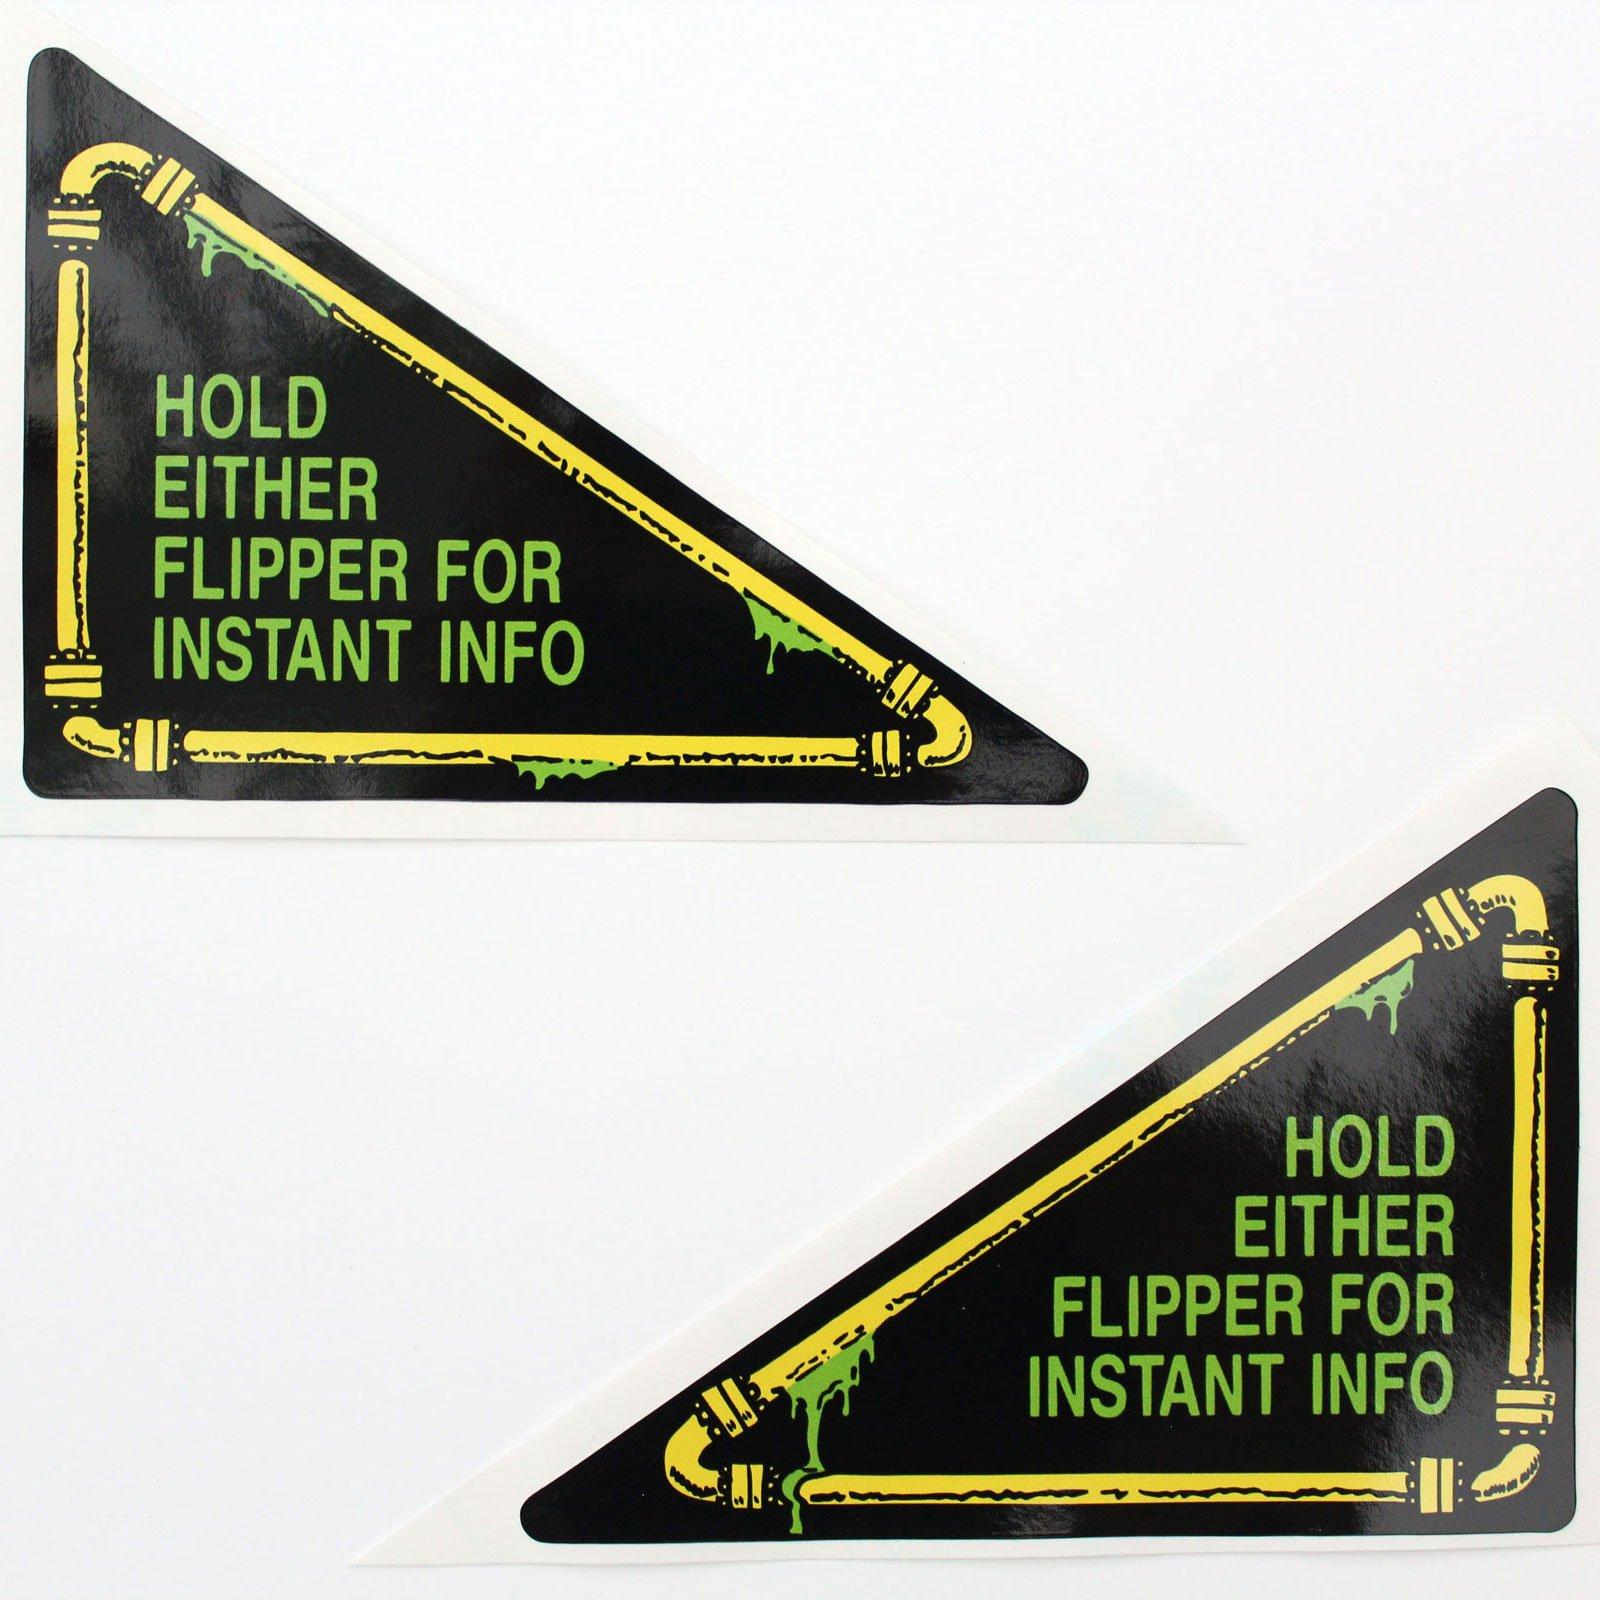 Teenage Mutant Ninja Turtles Pinball Flipper Apron Decals Stickers 01